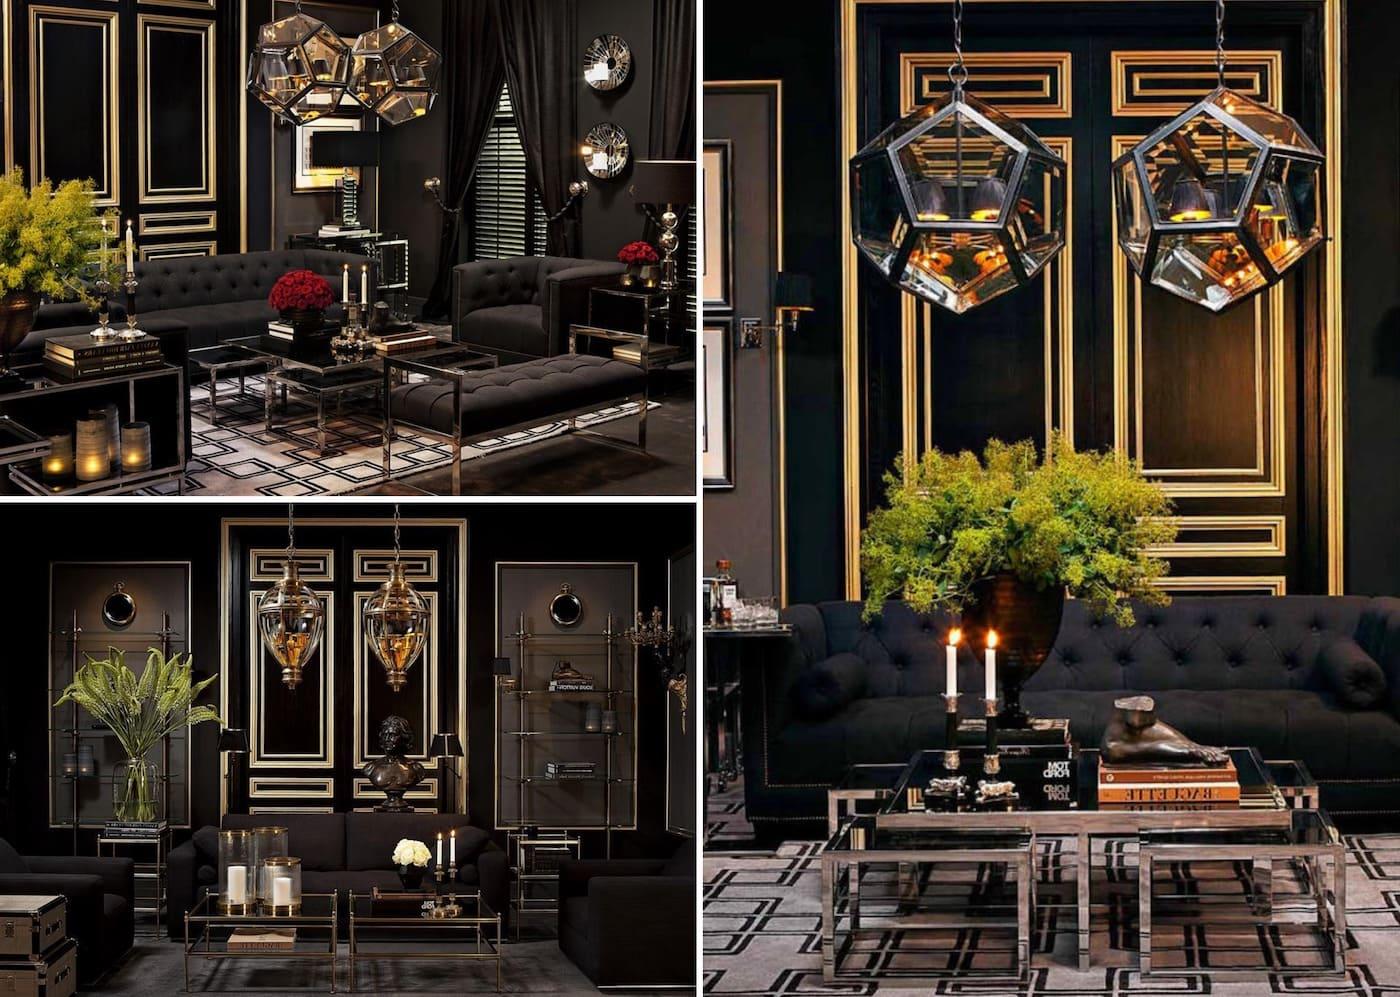 L'utilisation exclusive de matériaux naturels dans les finitions fait du style art déco une destination de choix.